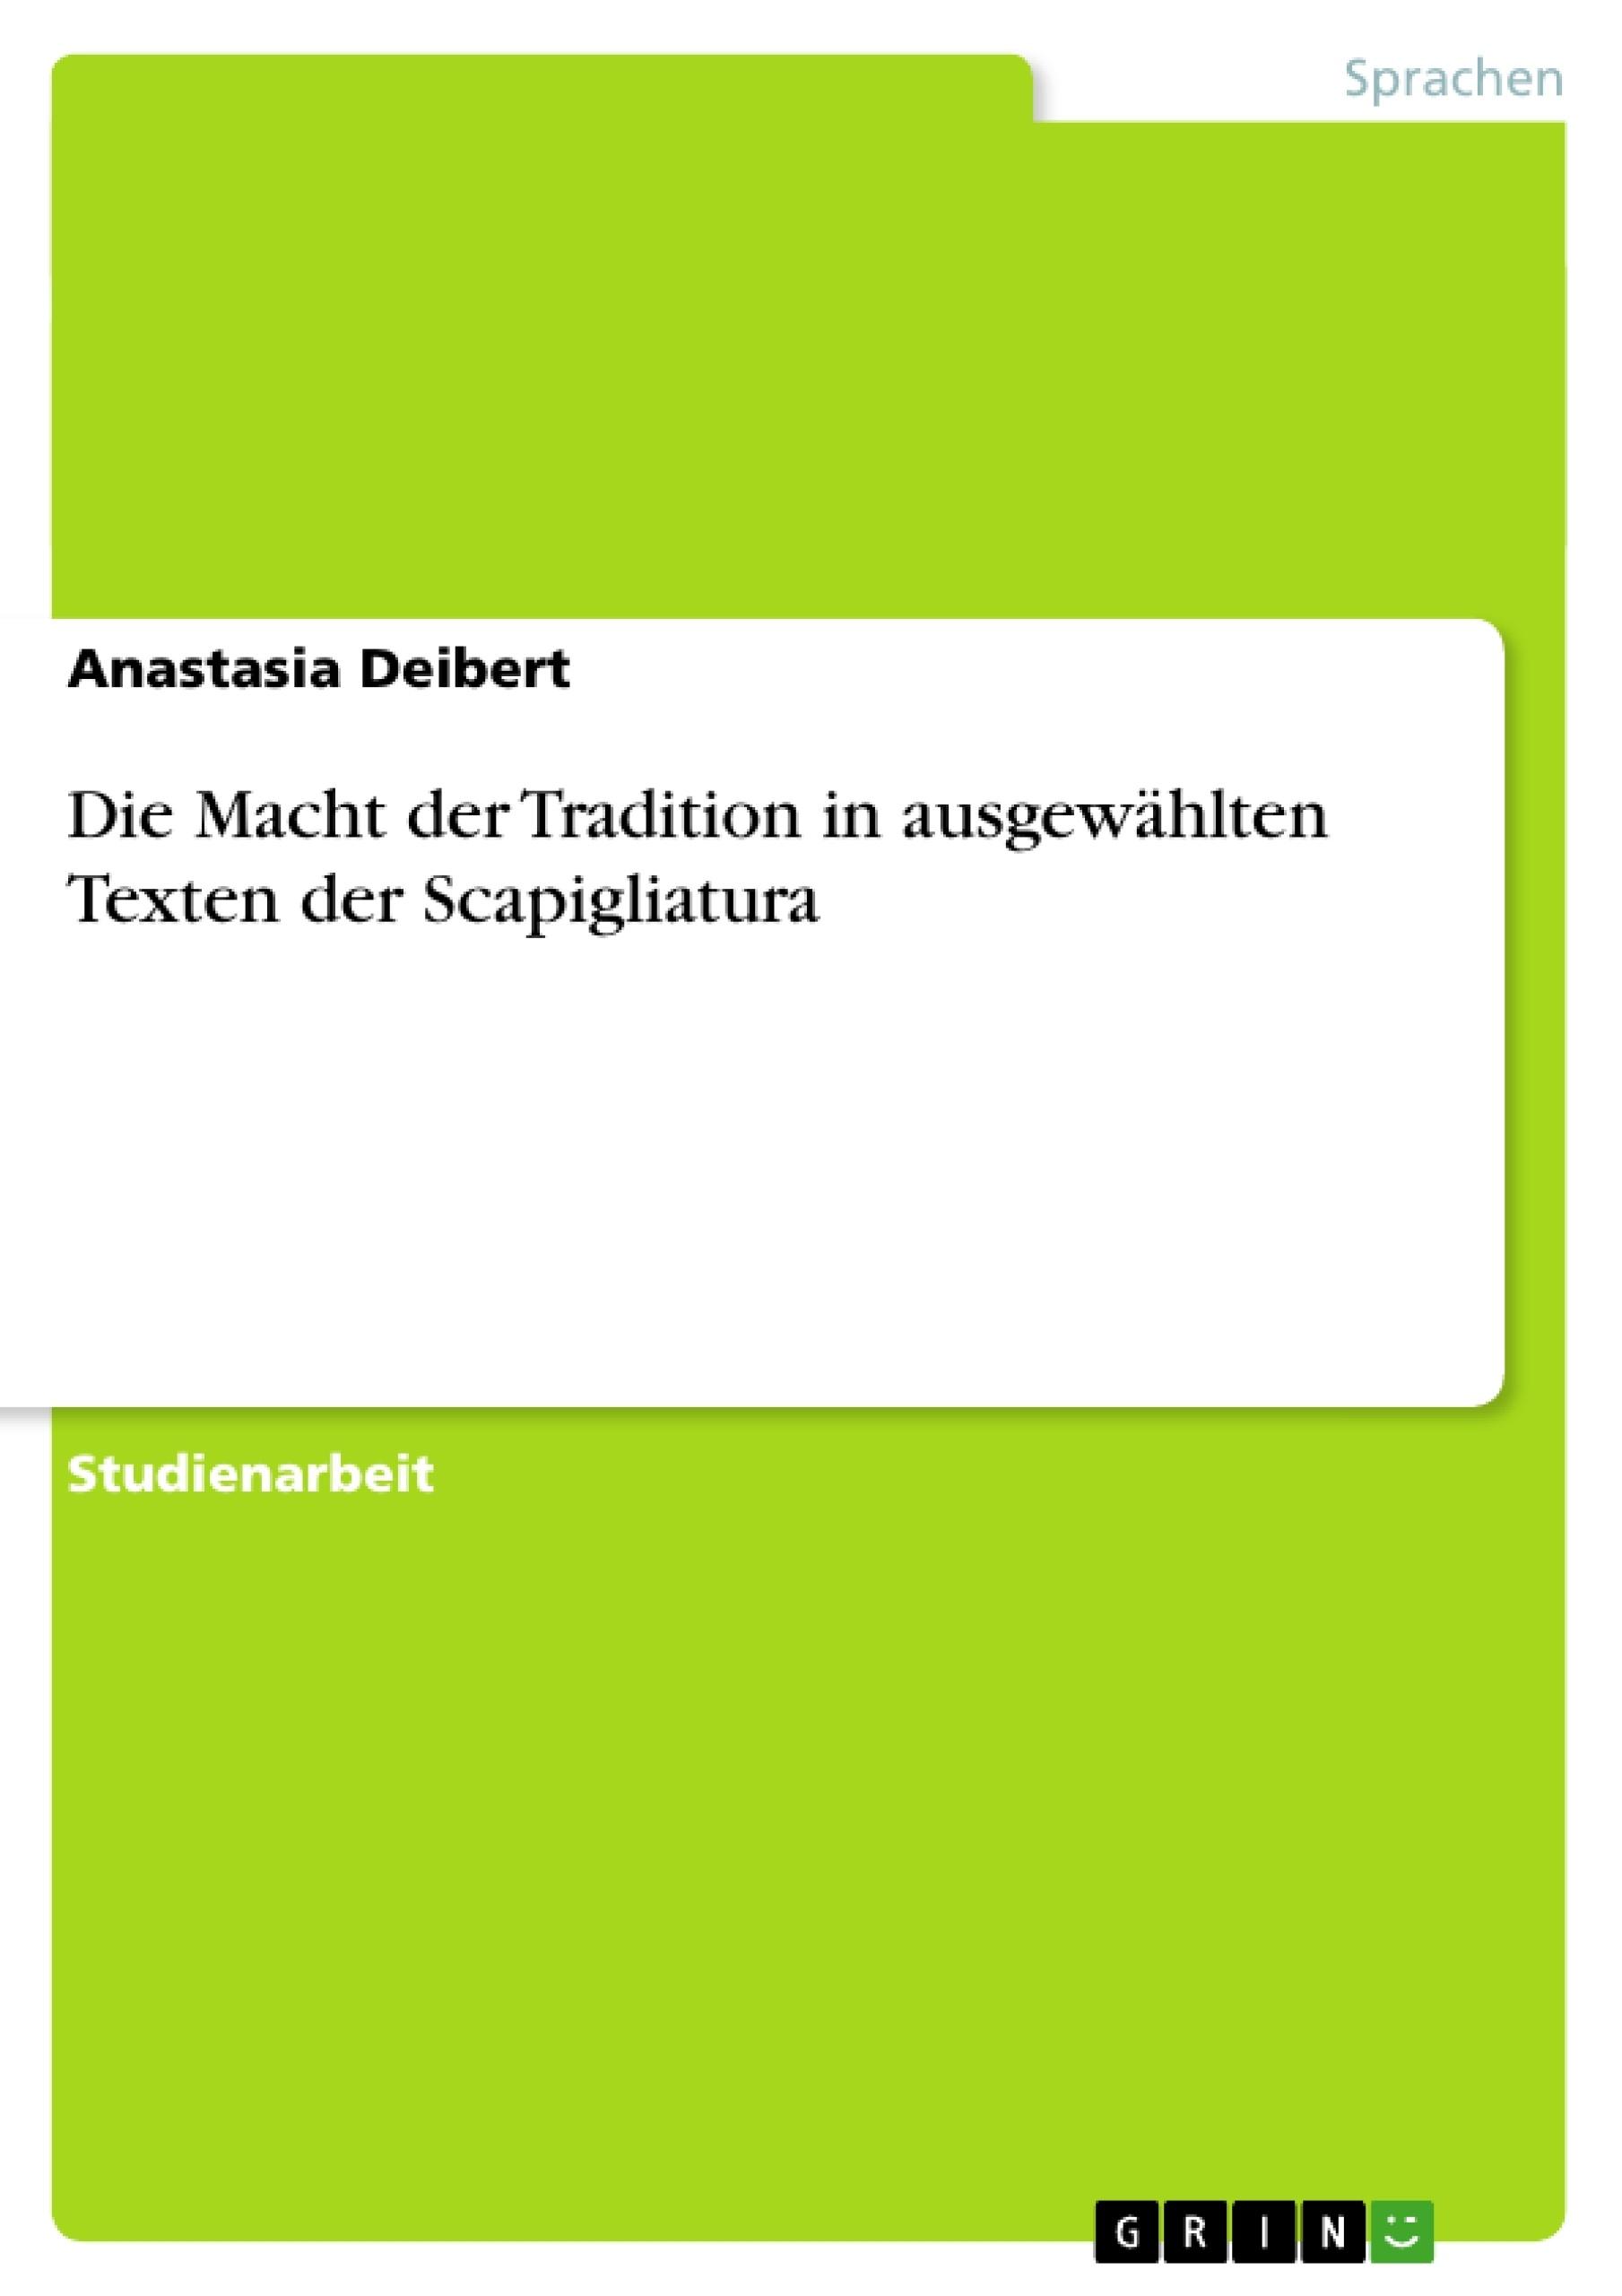 Titel: Die Macht der Tradition in ausgewählten Texten der Scapigliatura